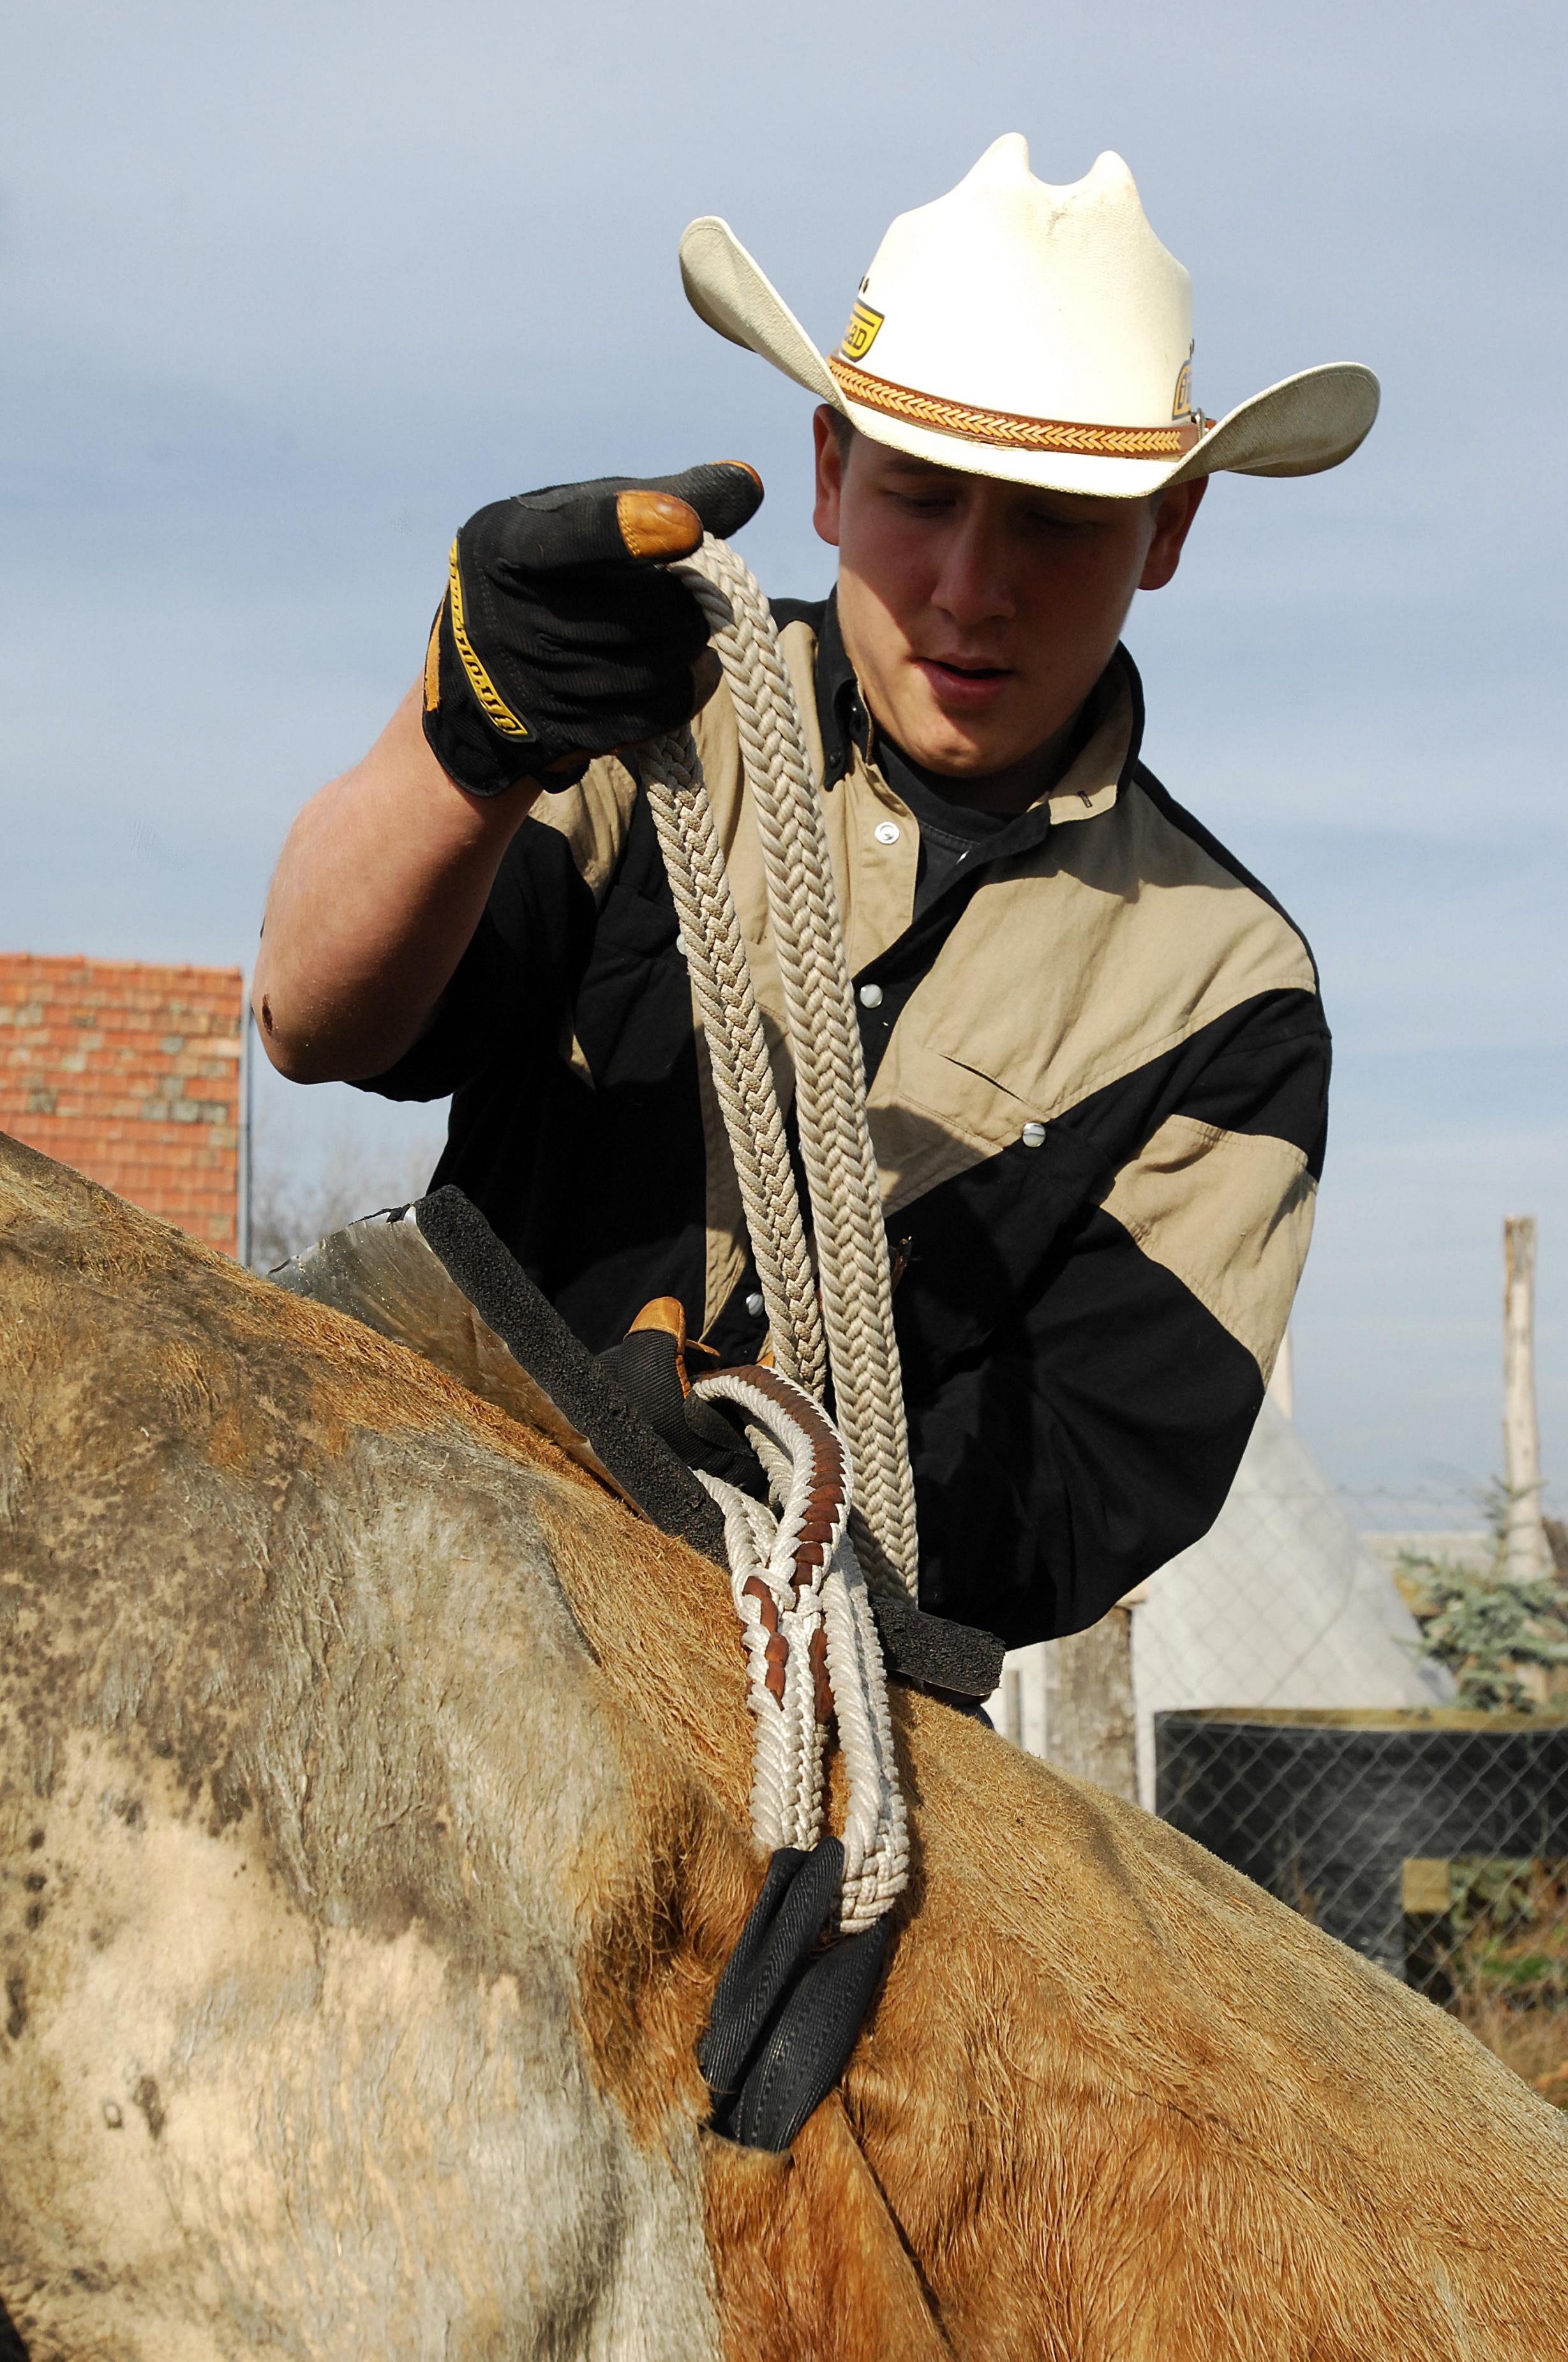 20 éves magyar fiatalember a rodeó Európa-bajnok!